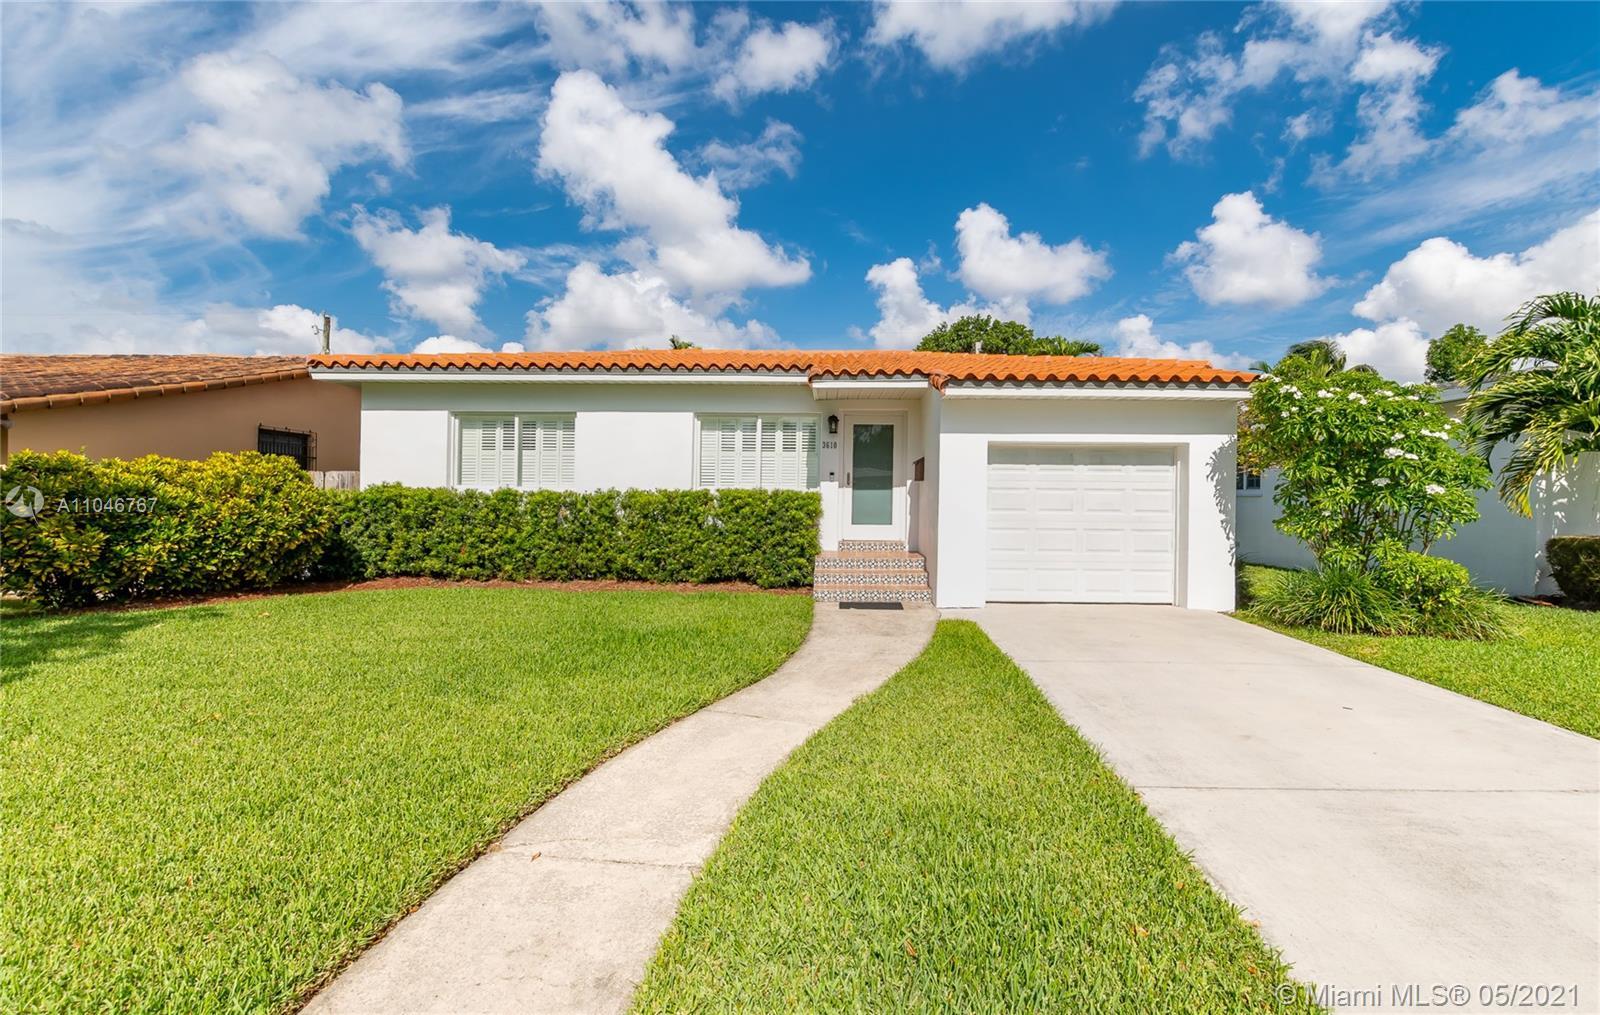 Central Miami - 3610 SW 60th Ave, Miami, FL 33155